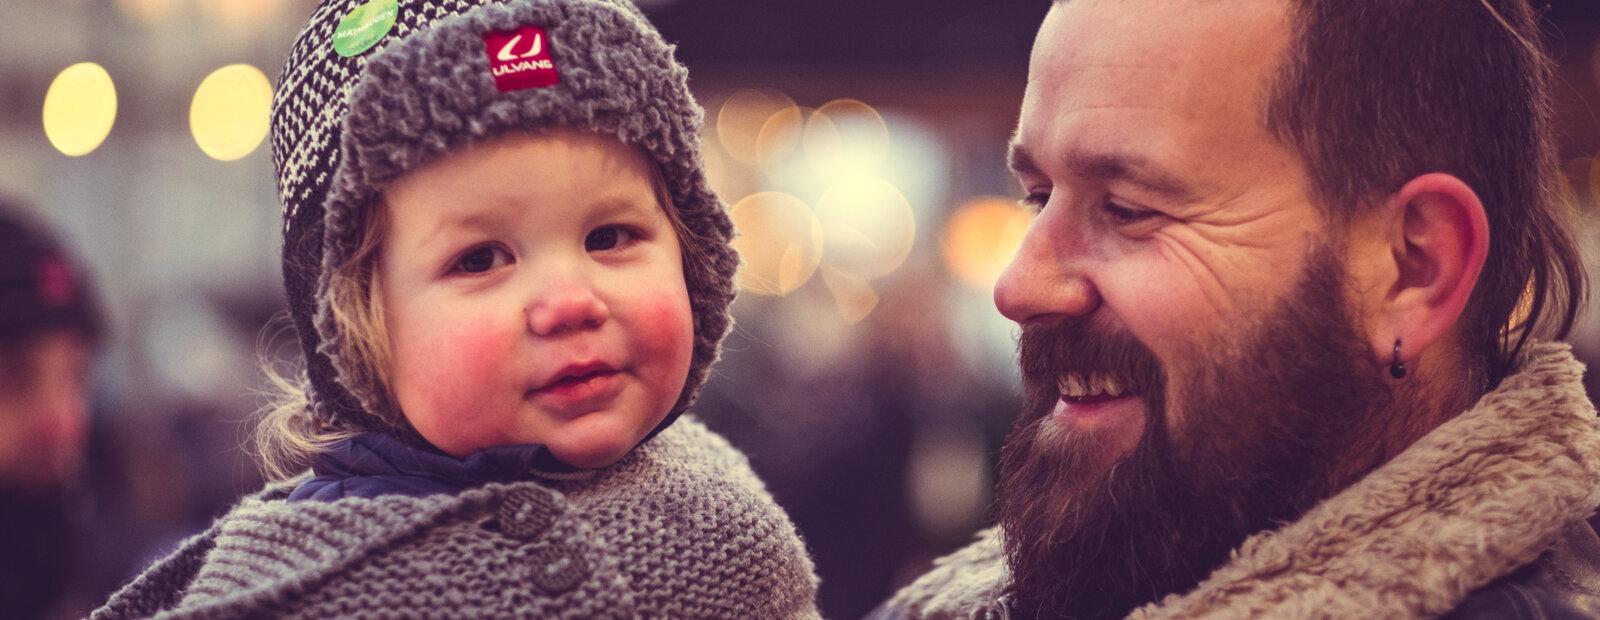 Glad mann med et barn.